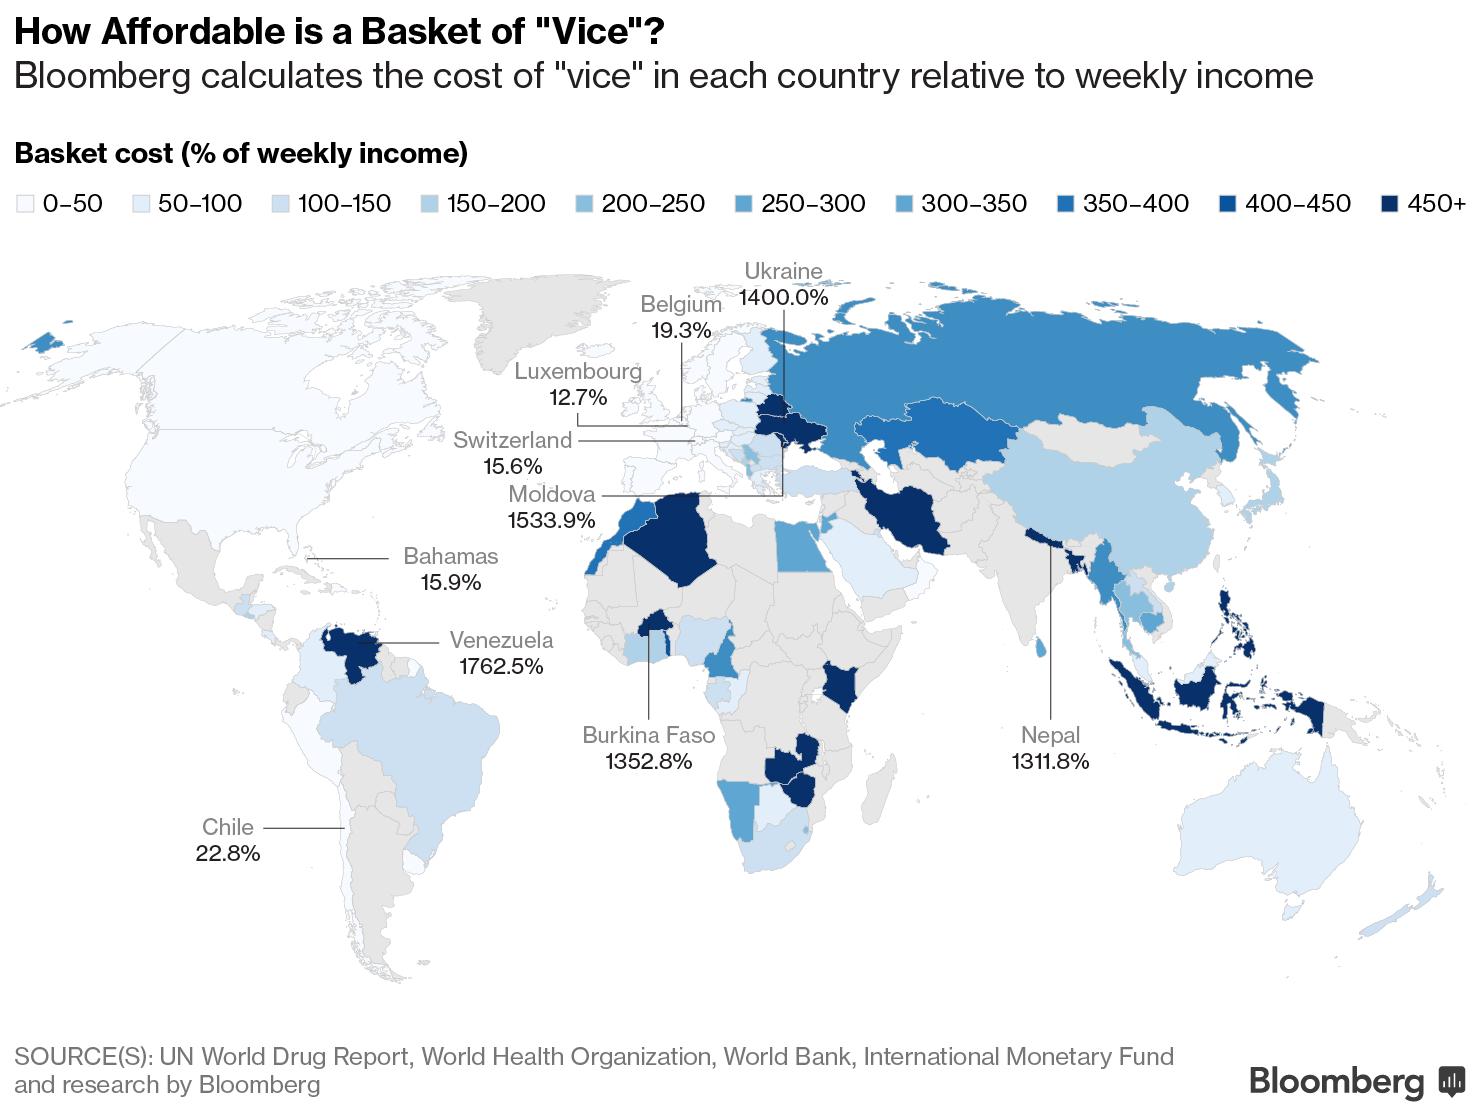 """Asimismo, qué tan caro es una """"canasta de bienes"""" en algunos países."""